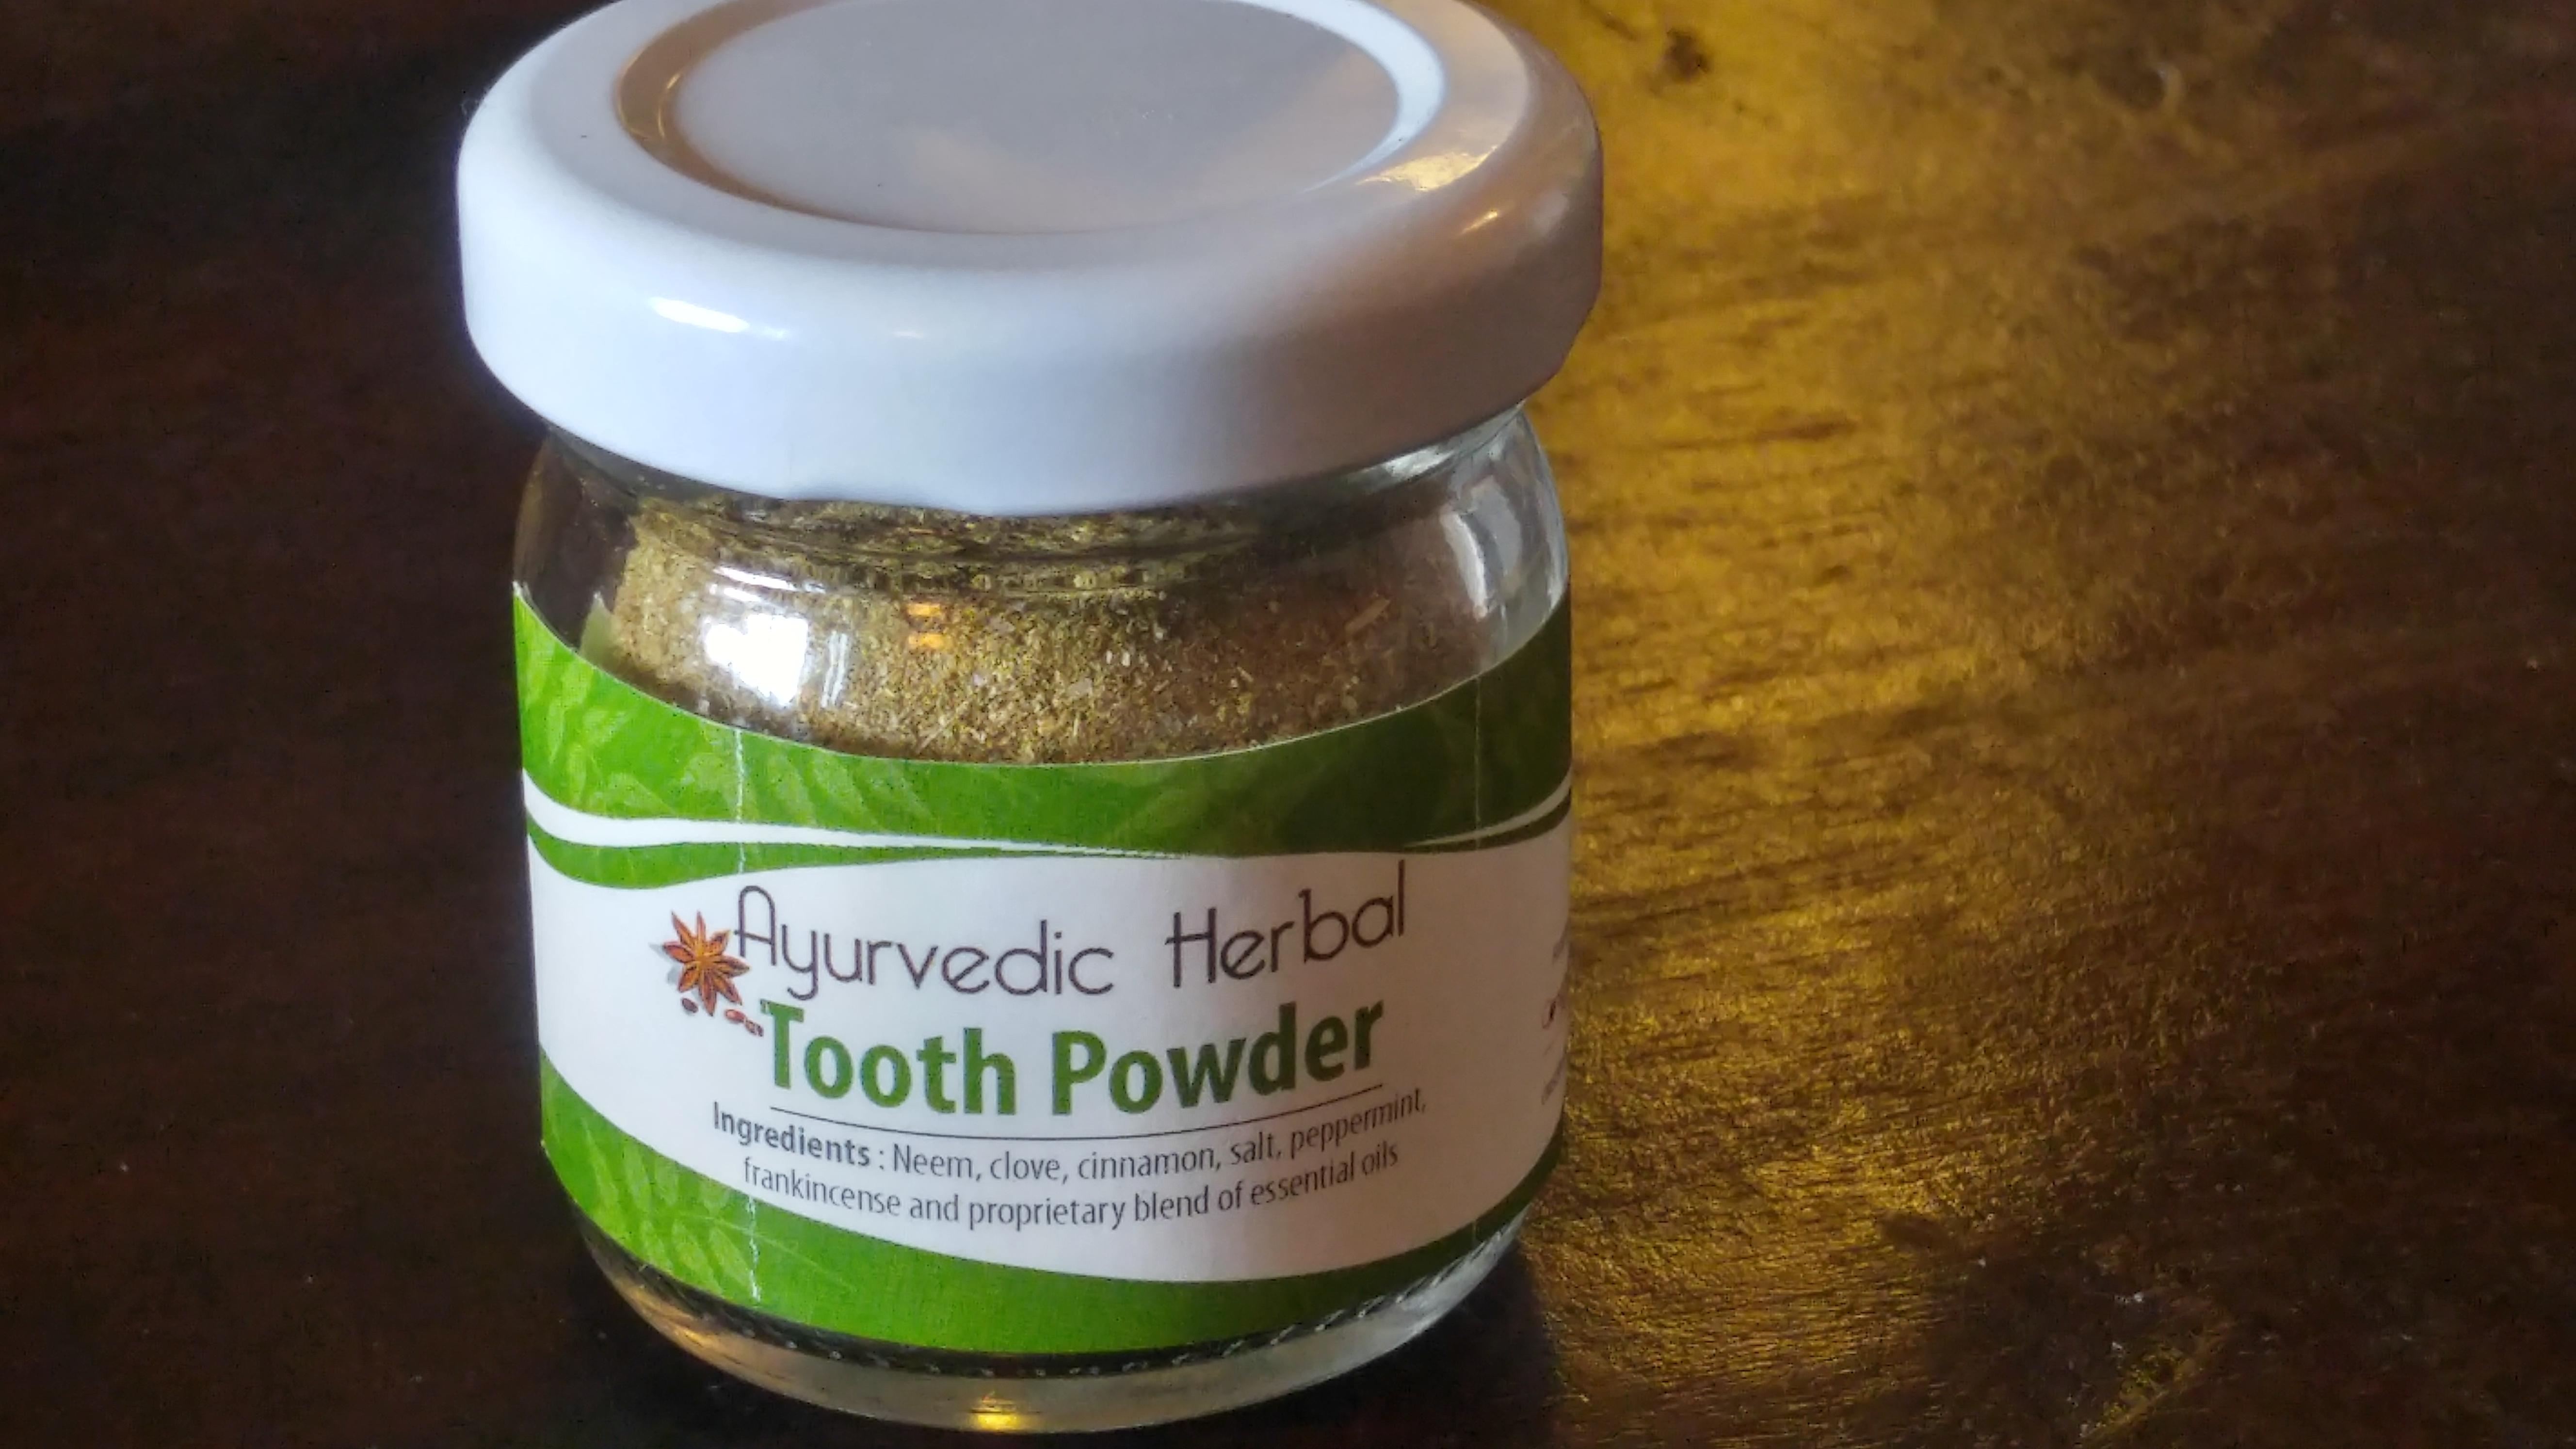 Ayurvedic Herbal Tooth Powder